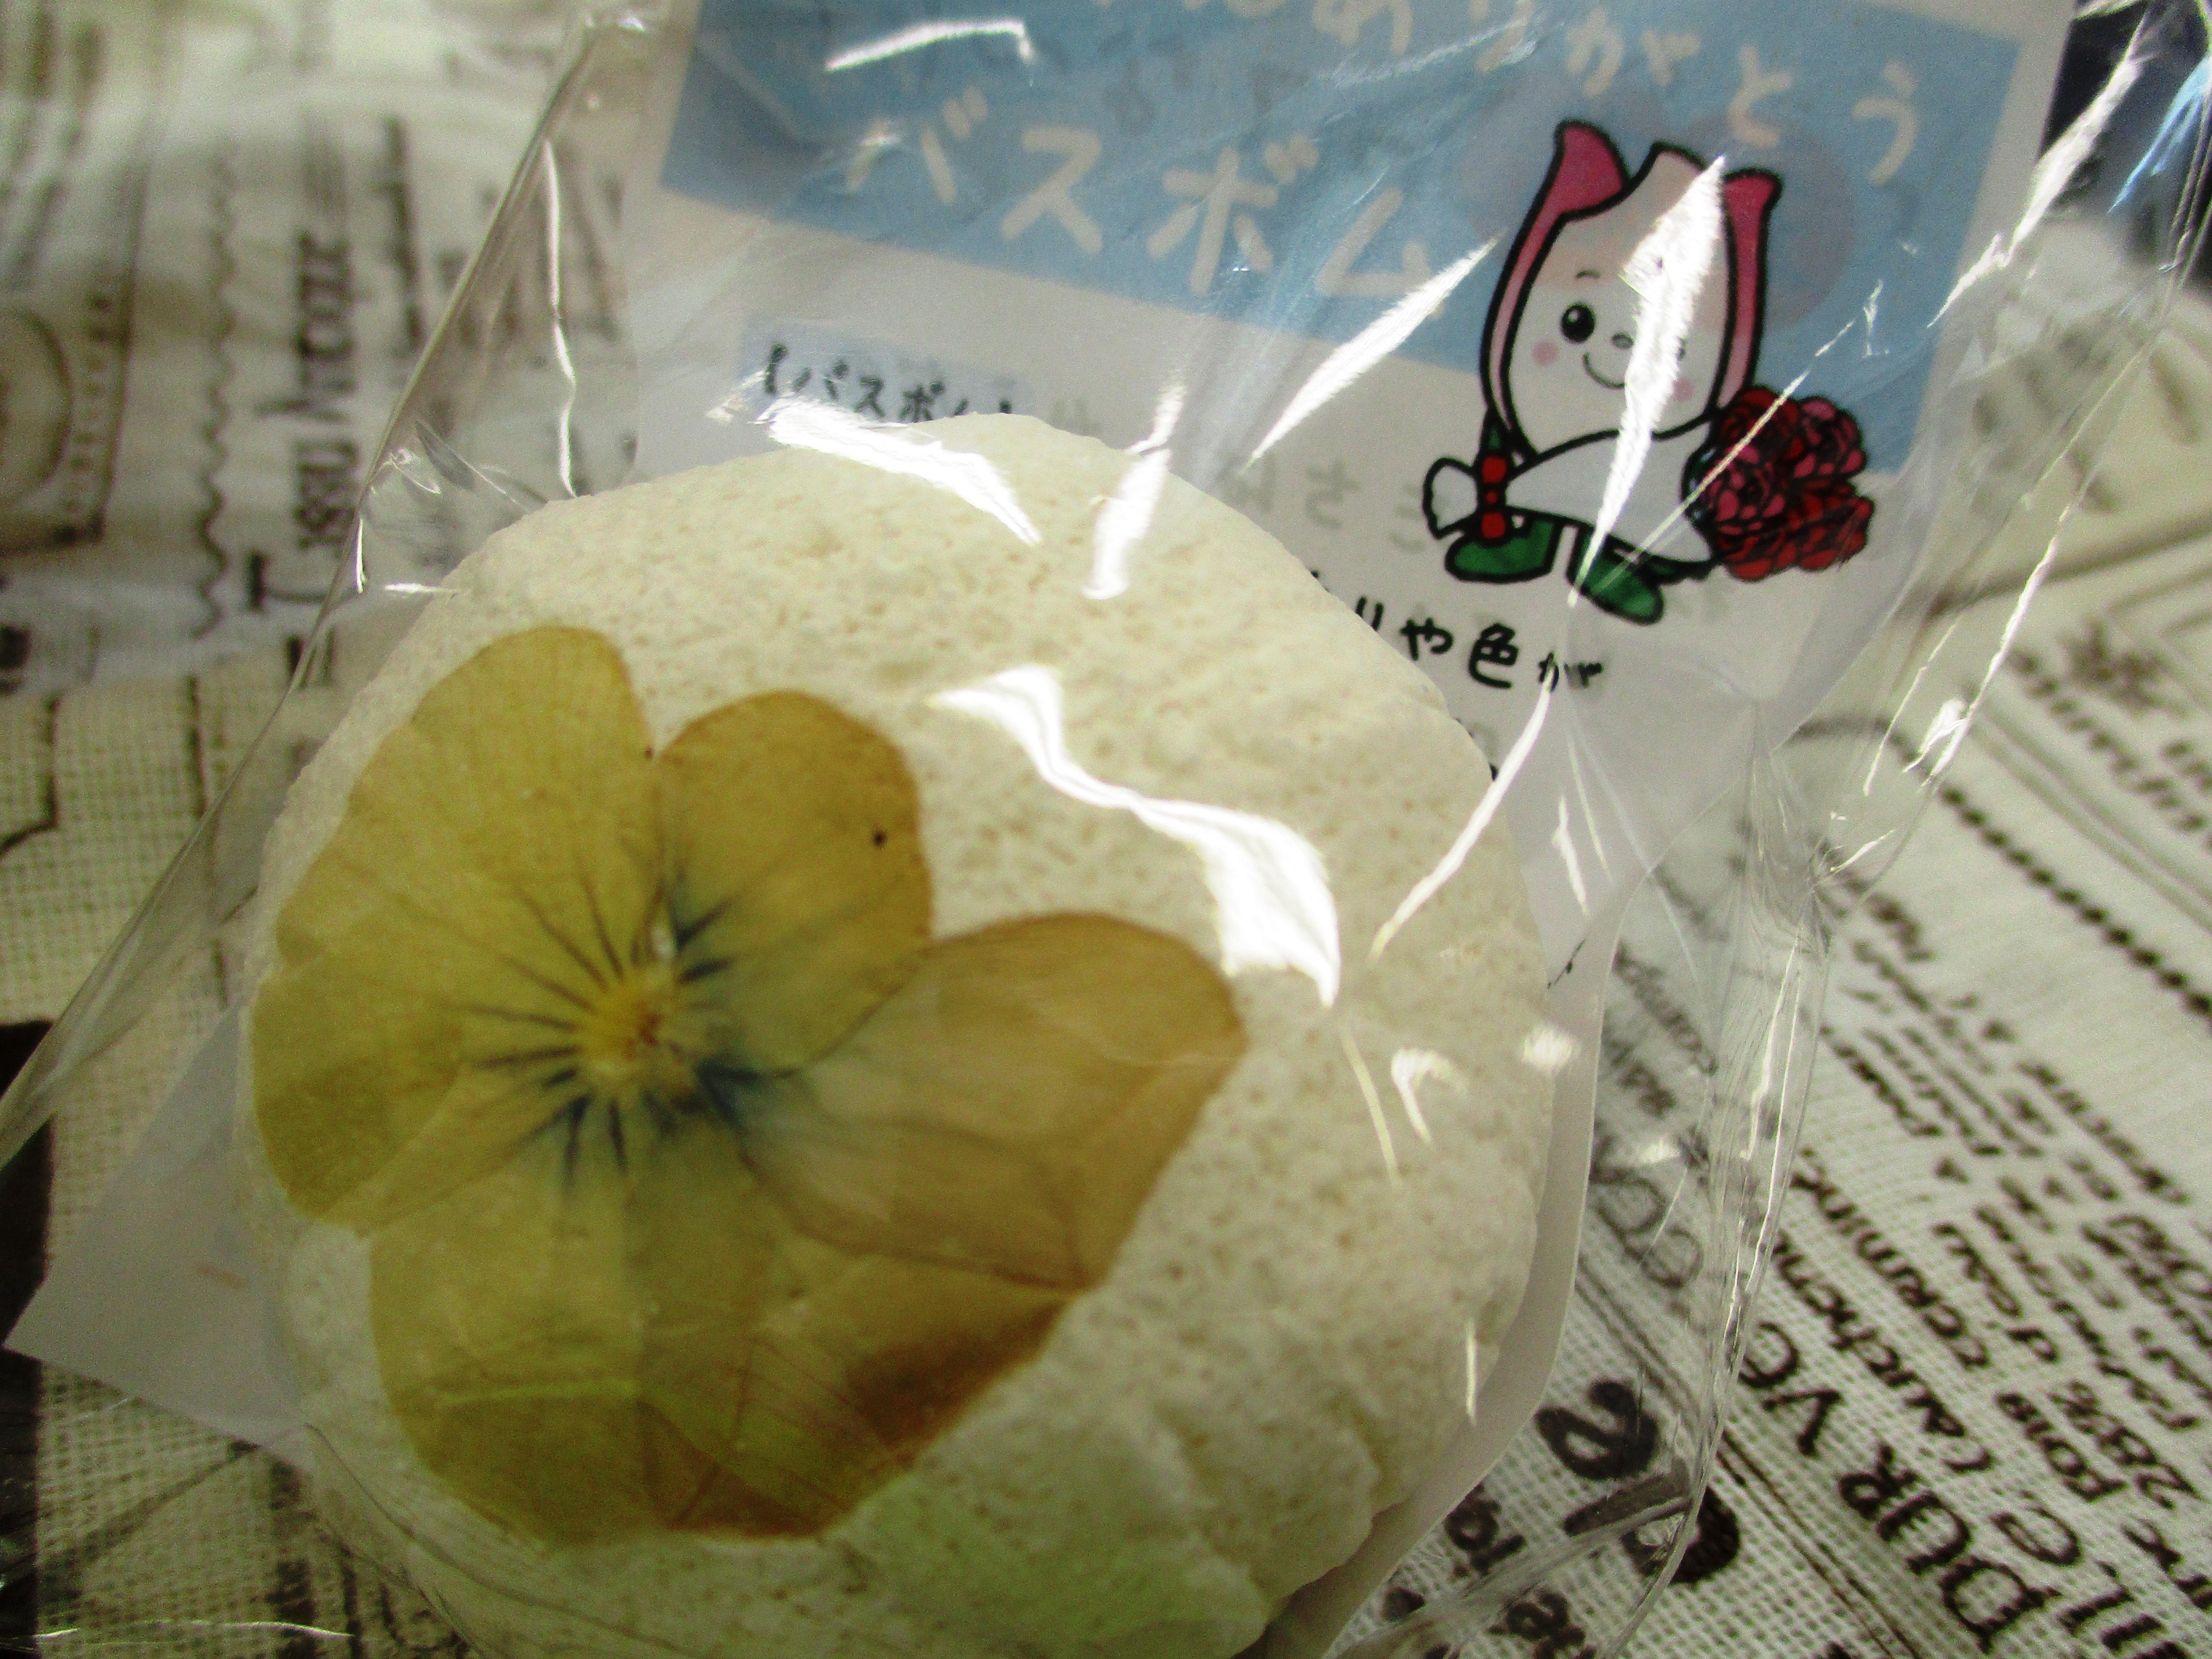 食育ミニ体験「食育工作 好きな香りを選んでバスボム作り」